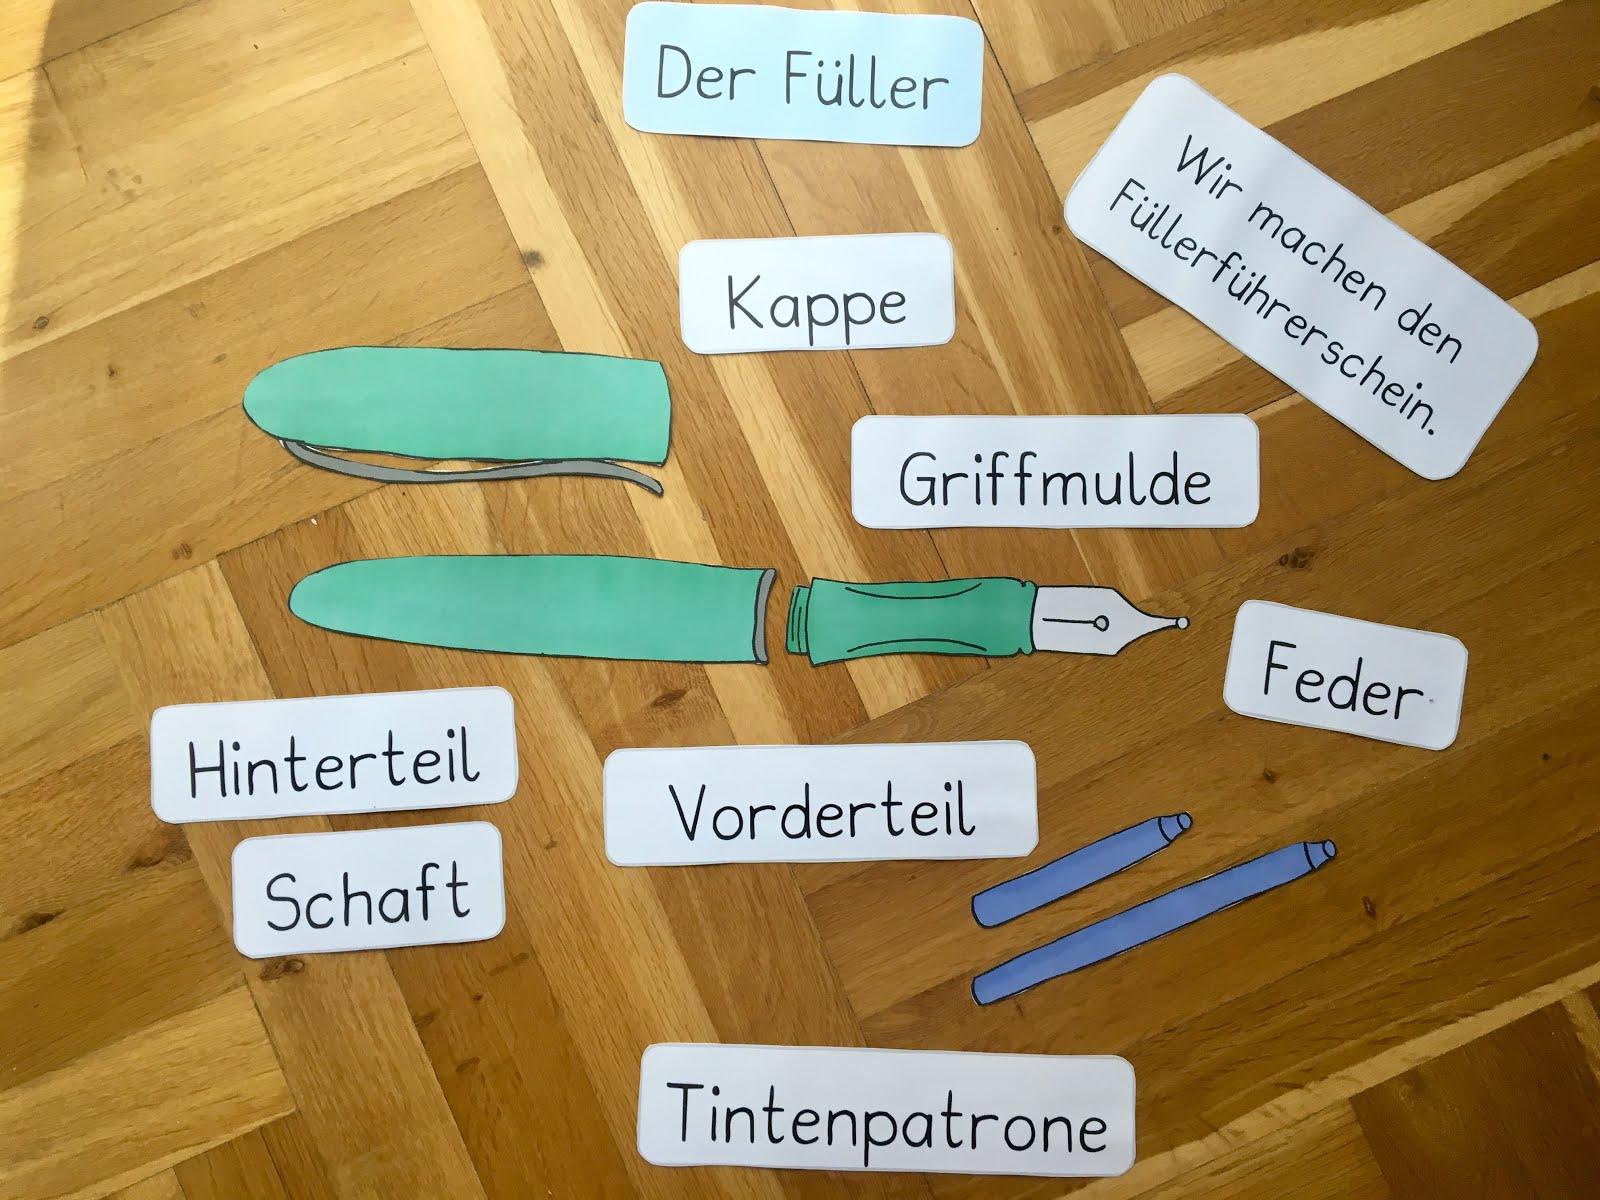 Gemütlich Blog Schreibvorlage Galerie - Beispielzusammenfassung ...